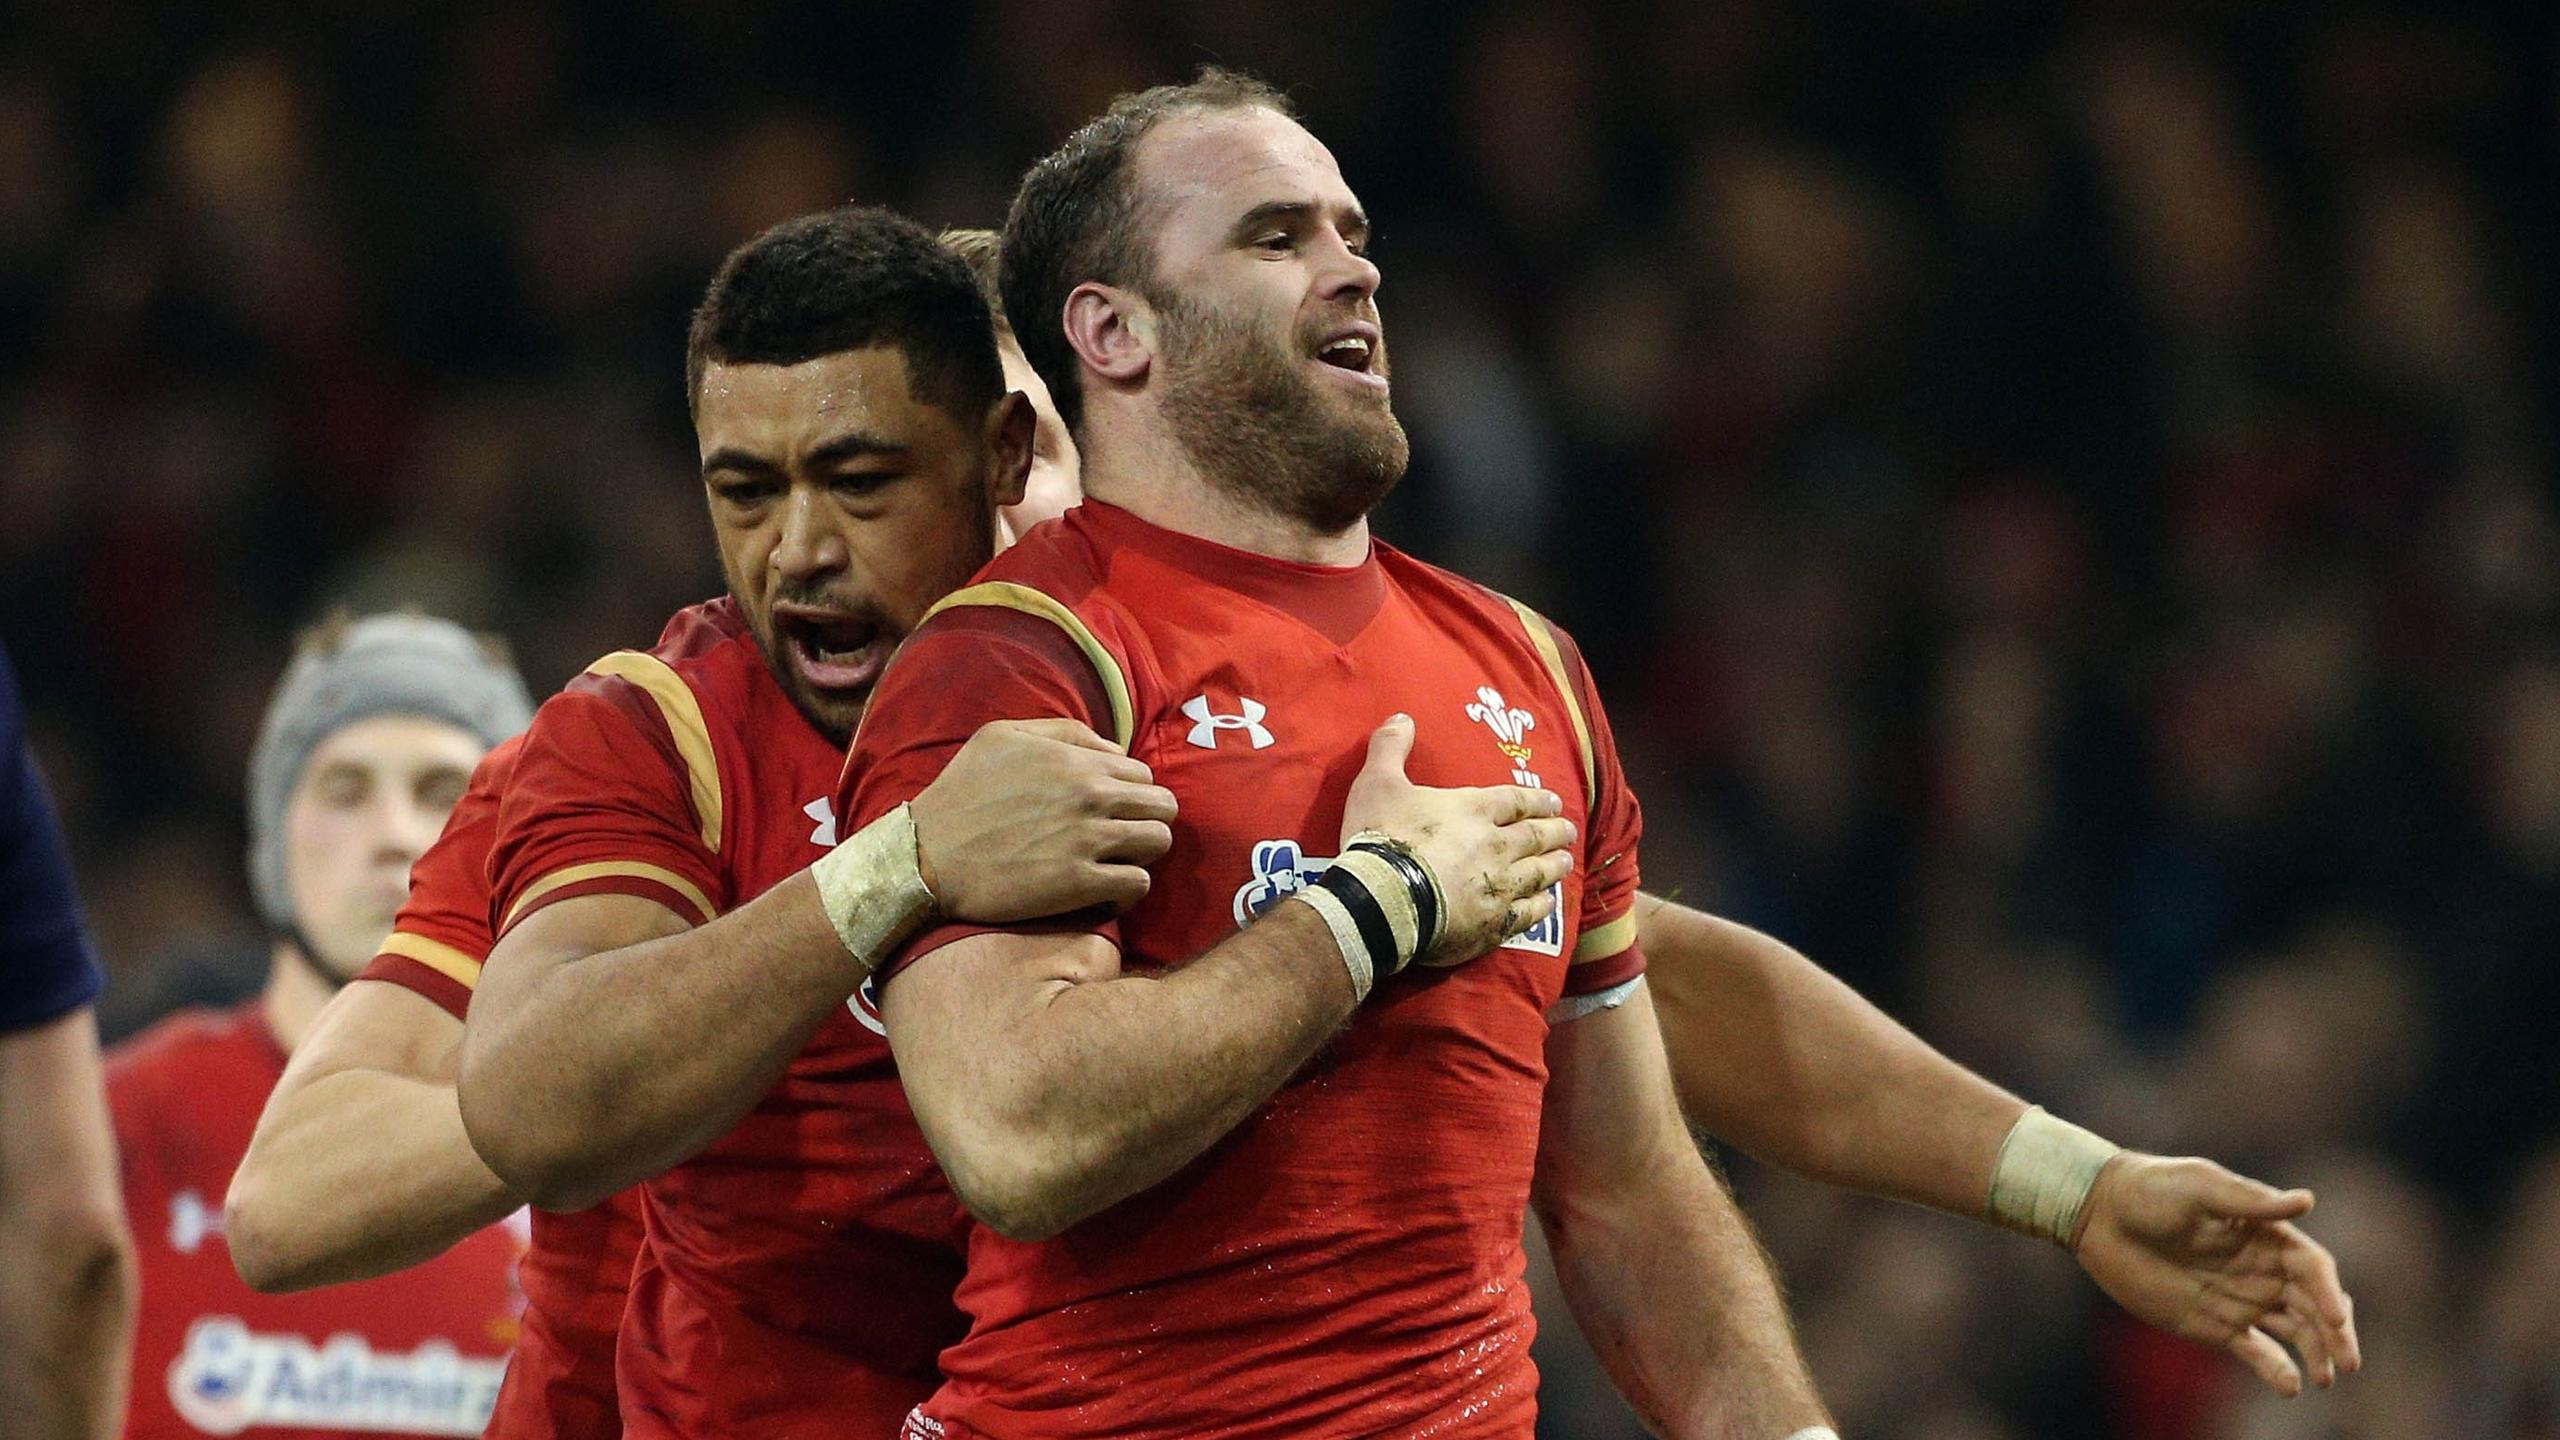 Jamie Roberts (Galles) félicité par Toby Faletau face à l'Ecosse - 13 février 2016